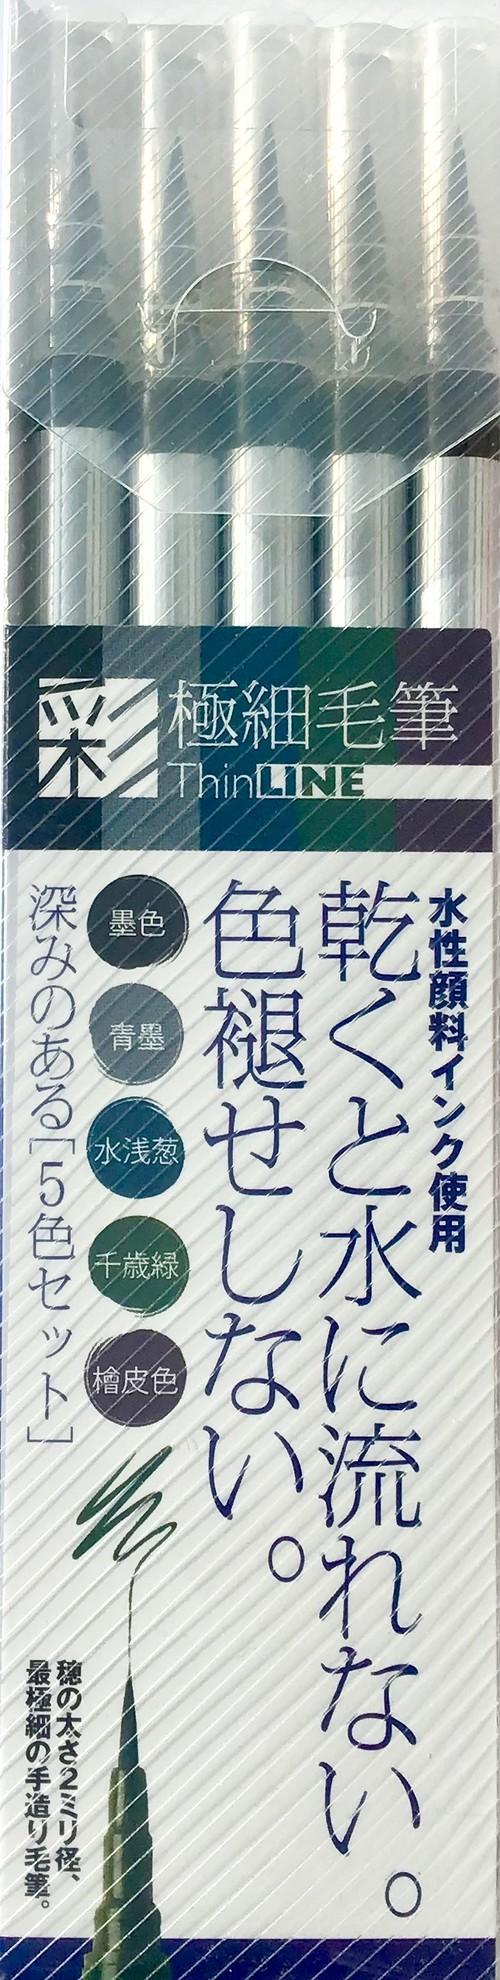 極細ブラッシュペン Thin LINE 5色セット